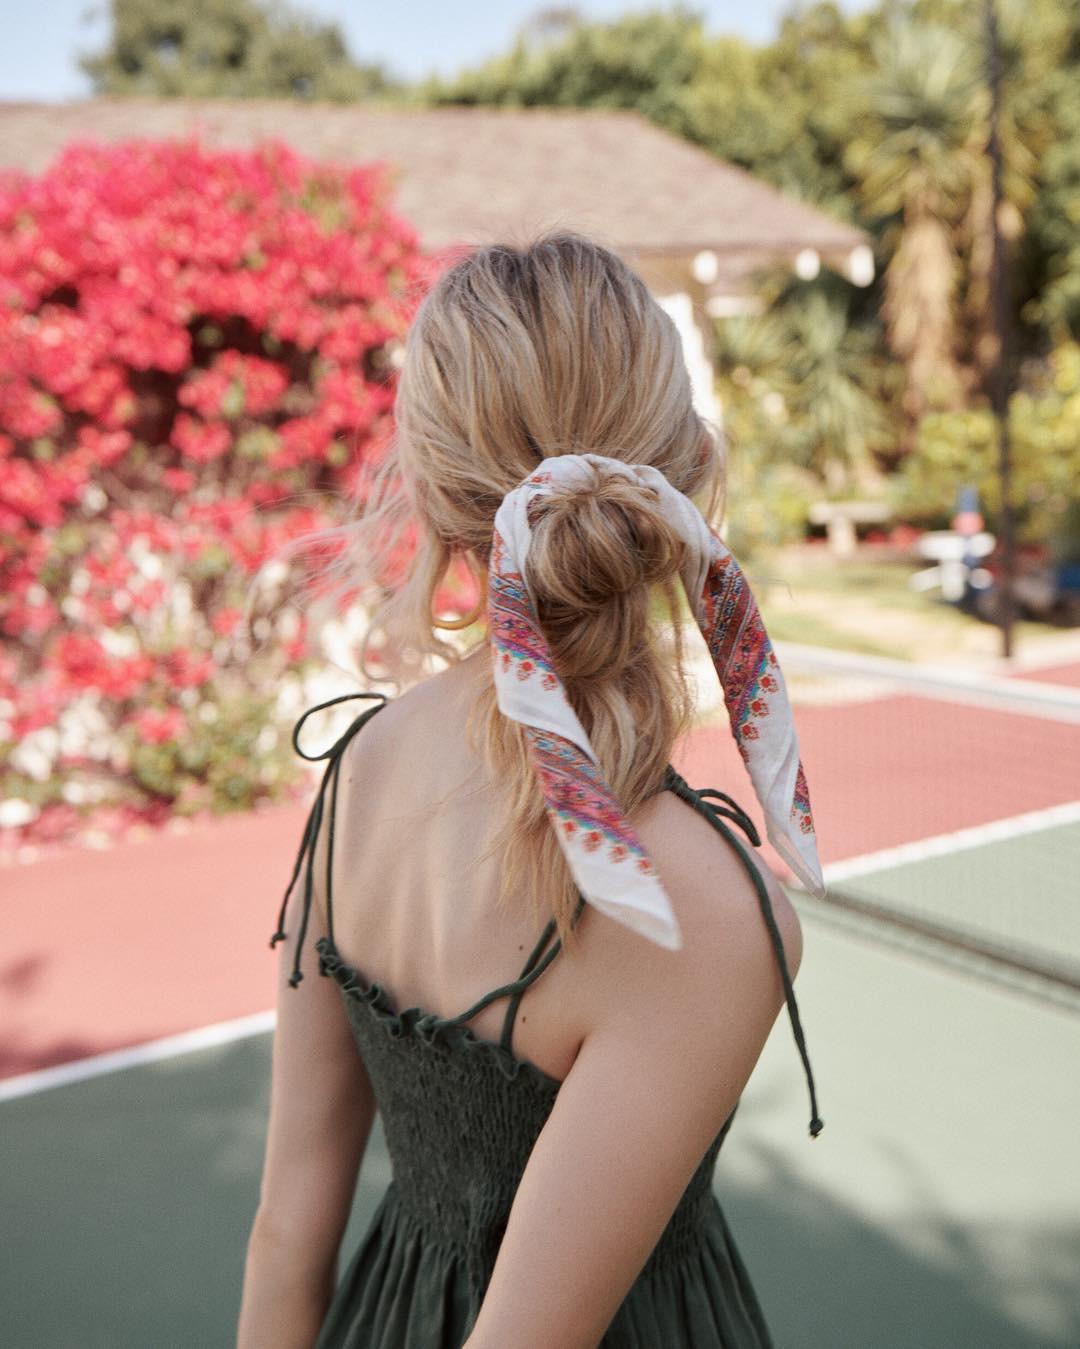 Cách giải quyết nhanh gọn 5 vấn đề của làn da mà bạn dễ gặp phải vào những ngày cuối hè  - Ảnh 4.